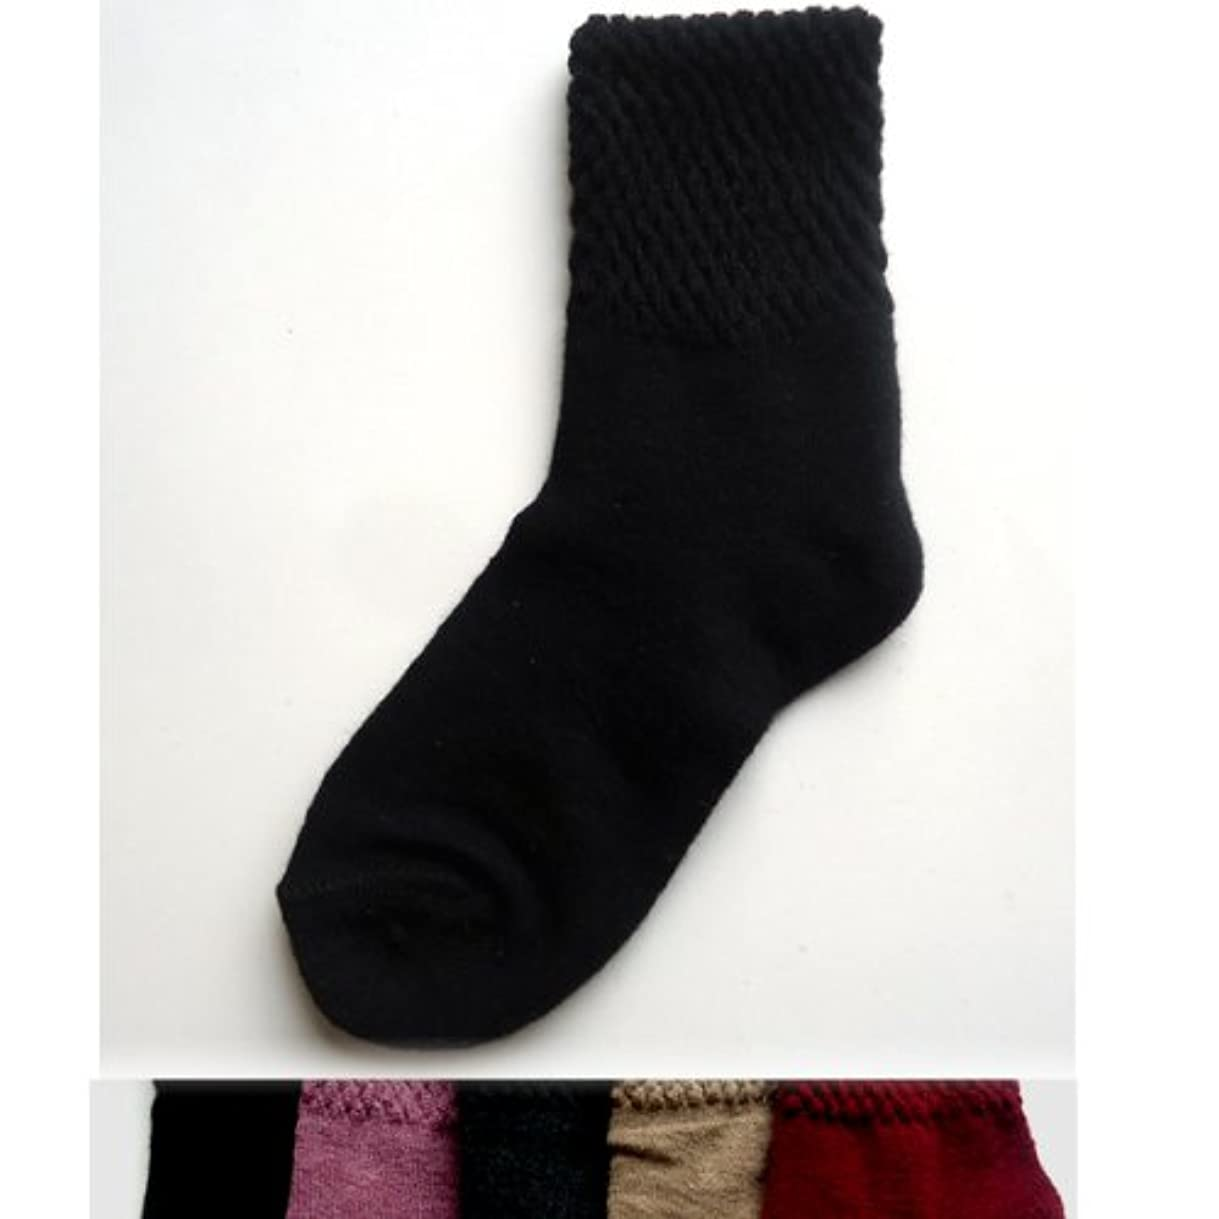 前任者可愛い思いやりのある靴下 あったか シルク混 二重編みパイナップルソックス 厚手 22~24cm お買得4足組(色はお任せ)